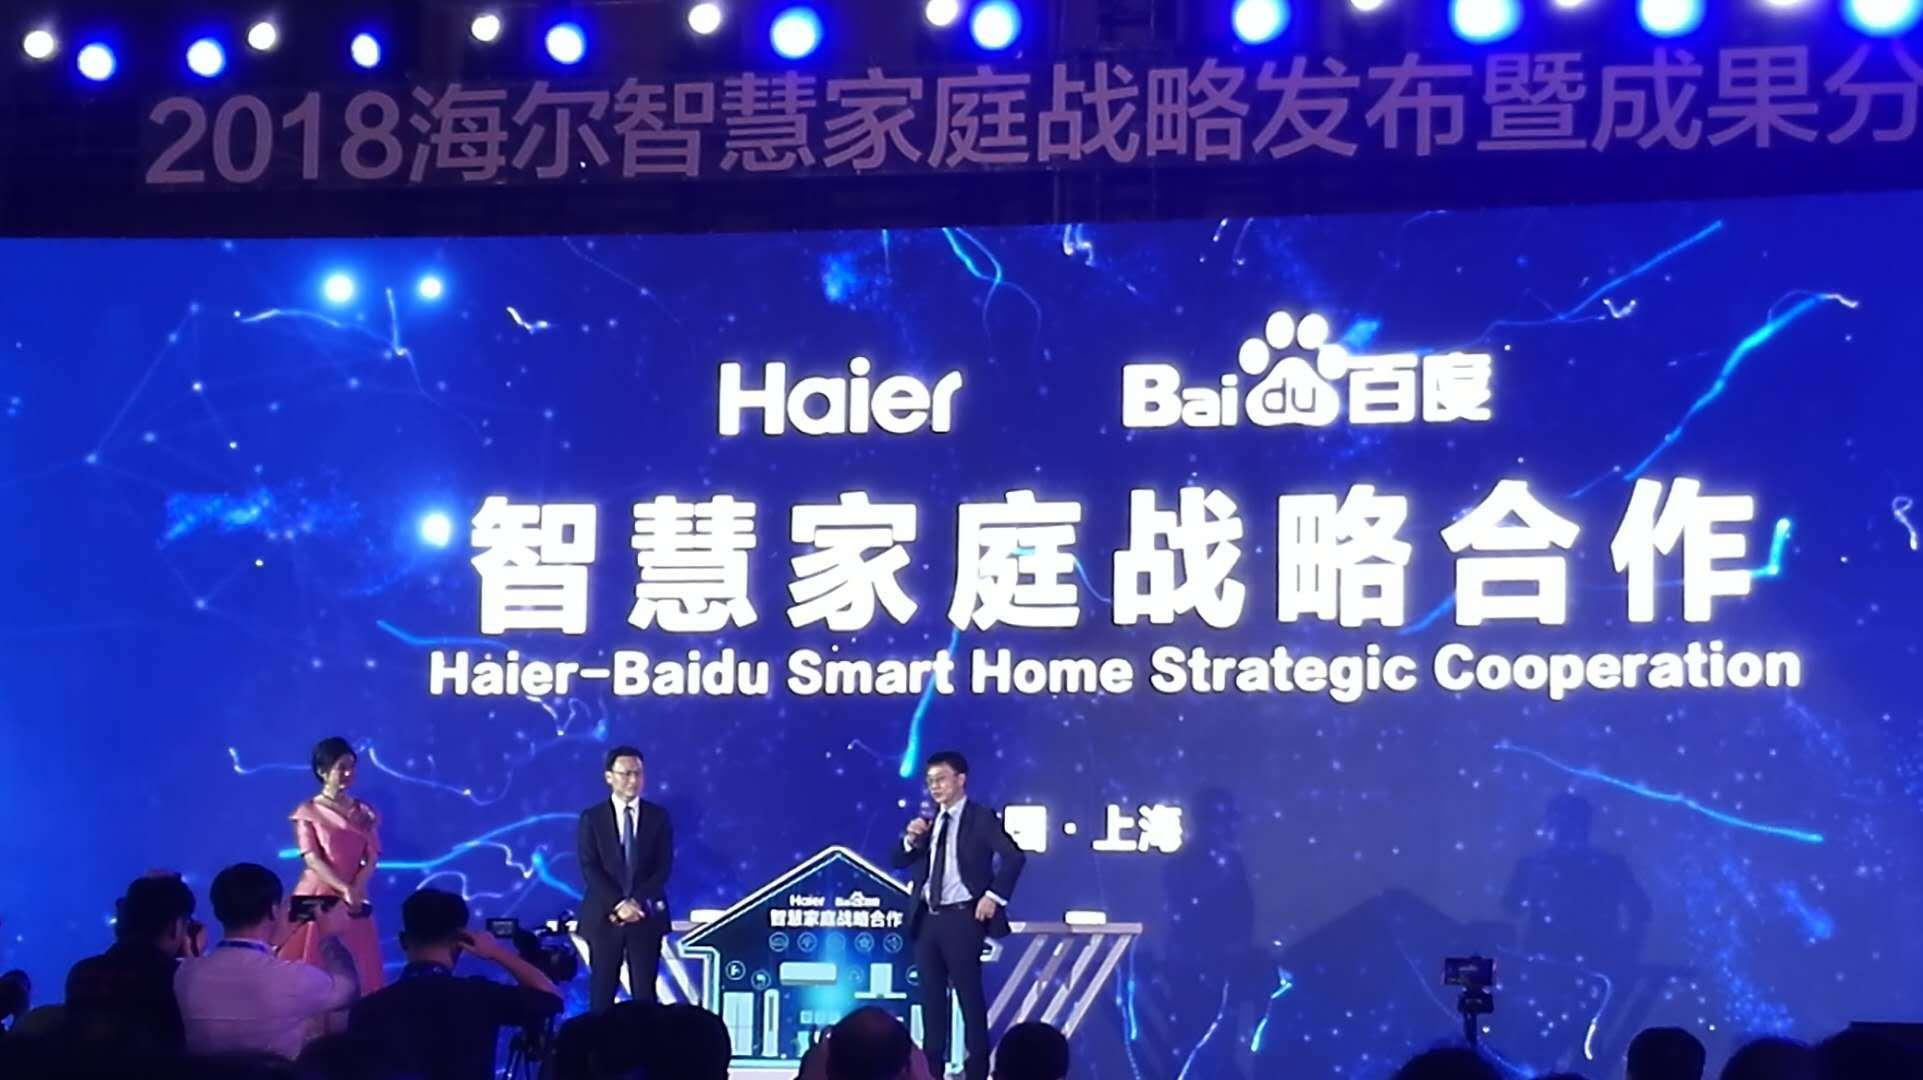 百度和海尔将在智慧家庭领域进行战略合作